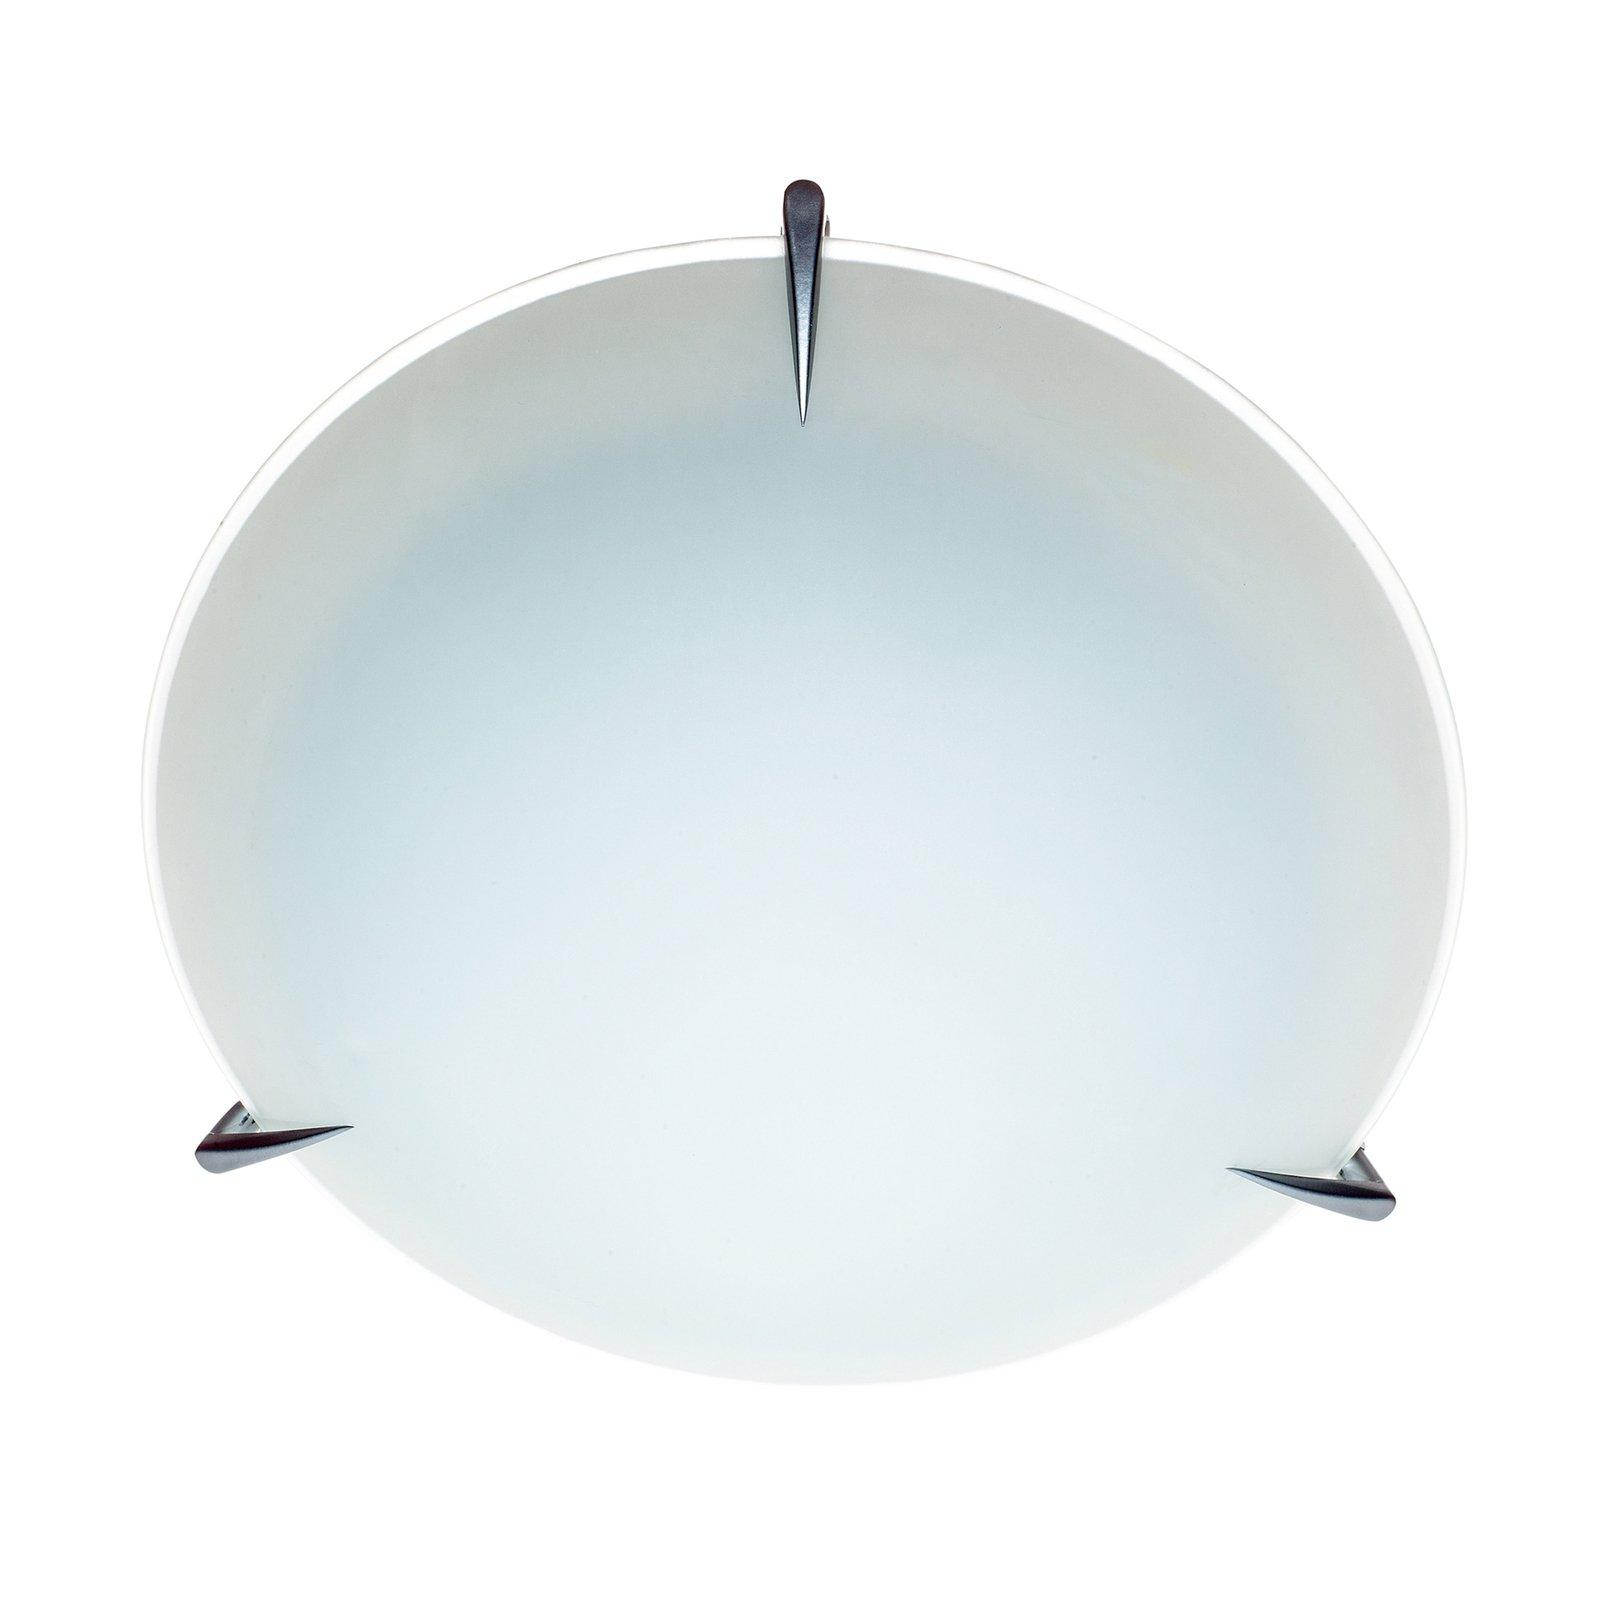 Taklampe Mars av glass, Ø 25 cm